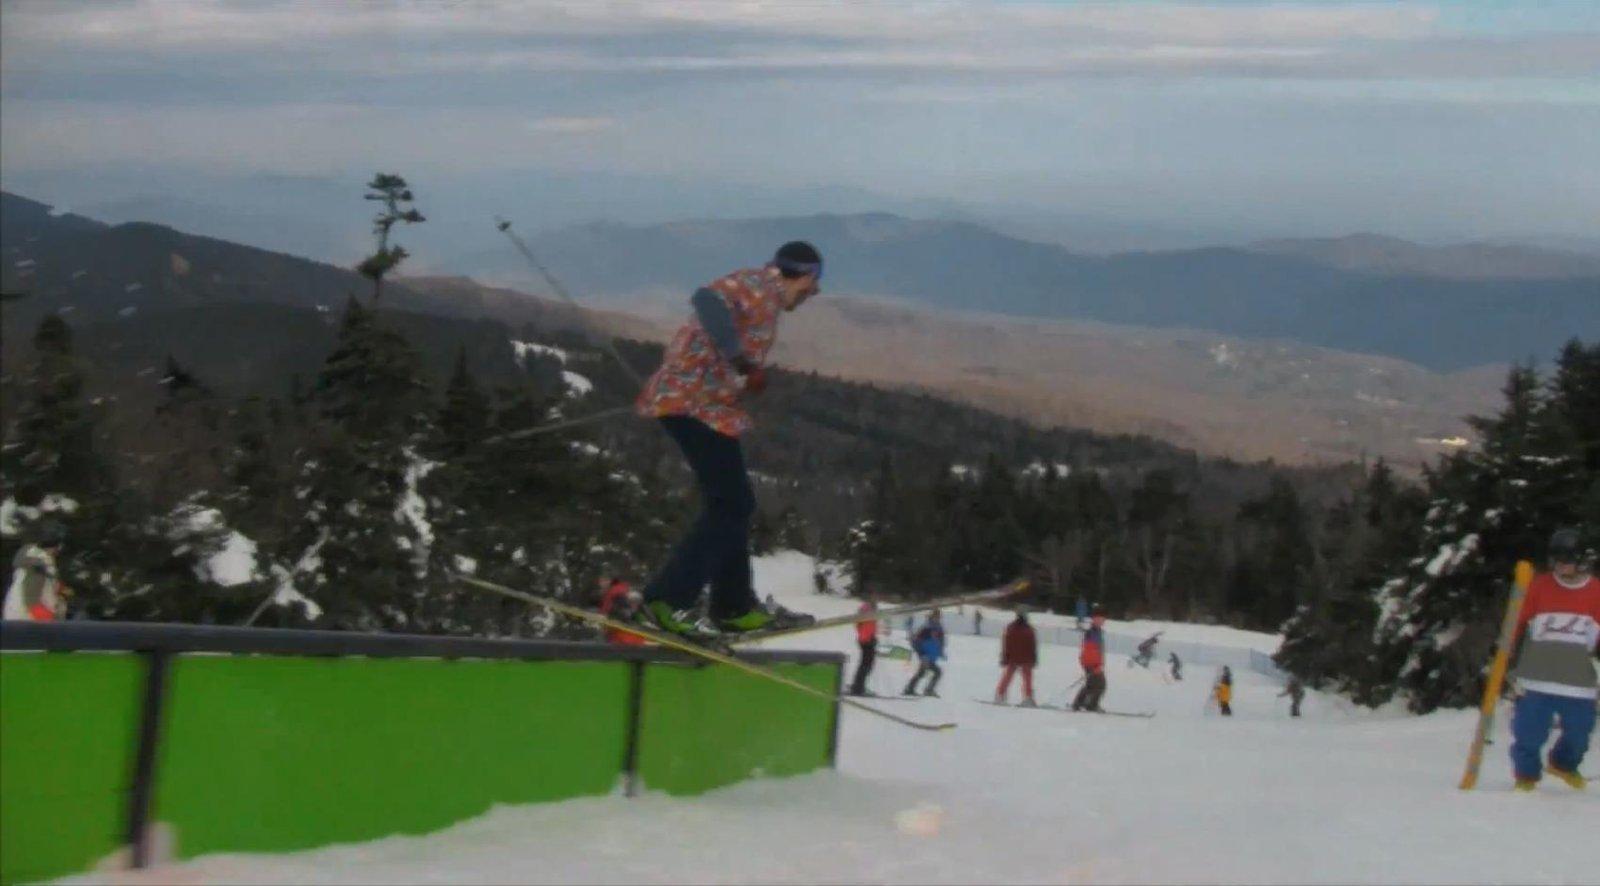 Forgot my park skis